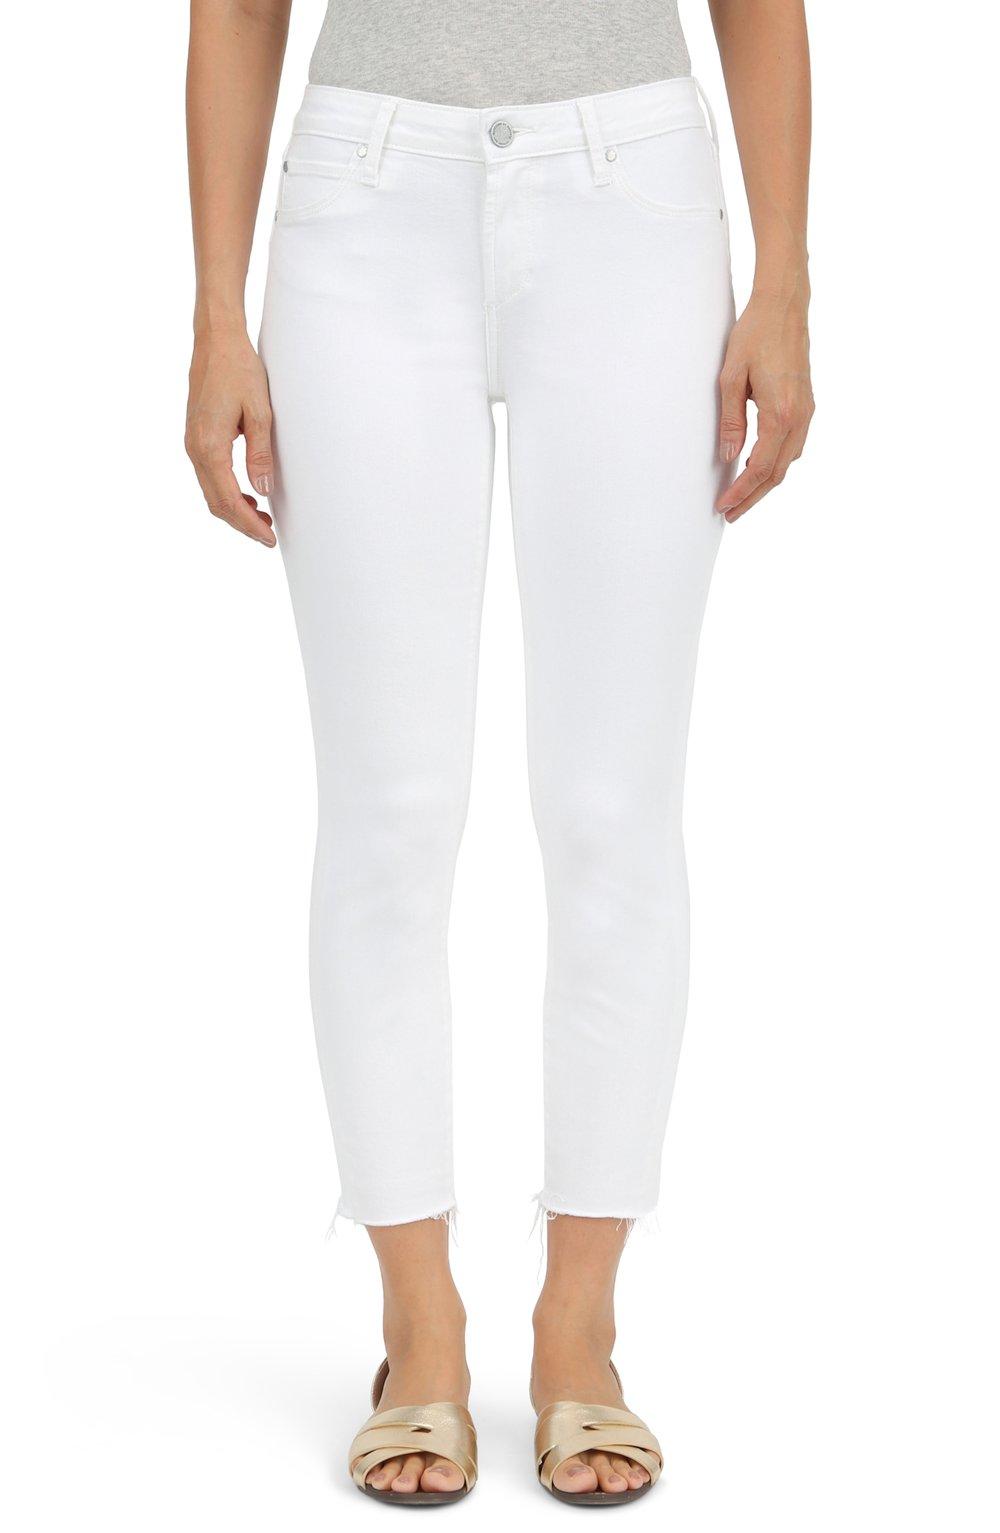 AOS white jeans